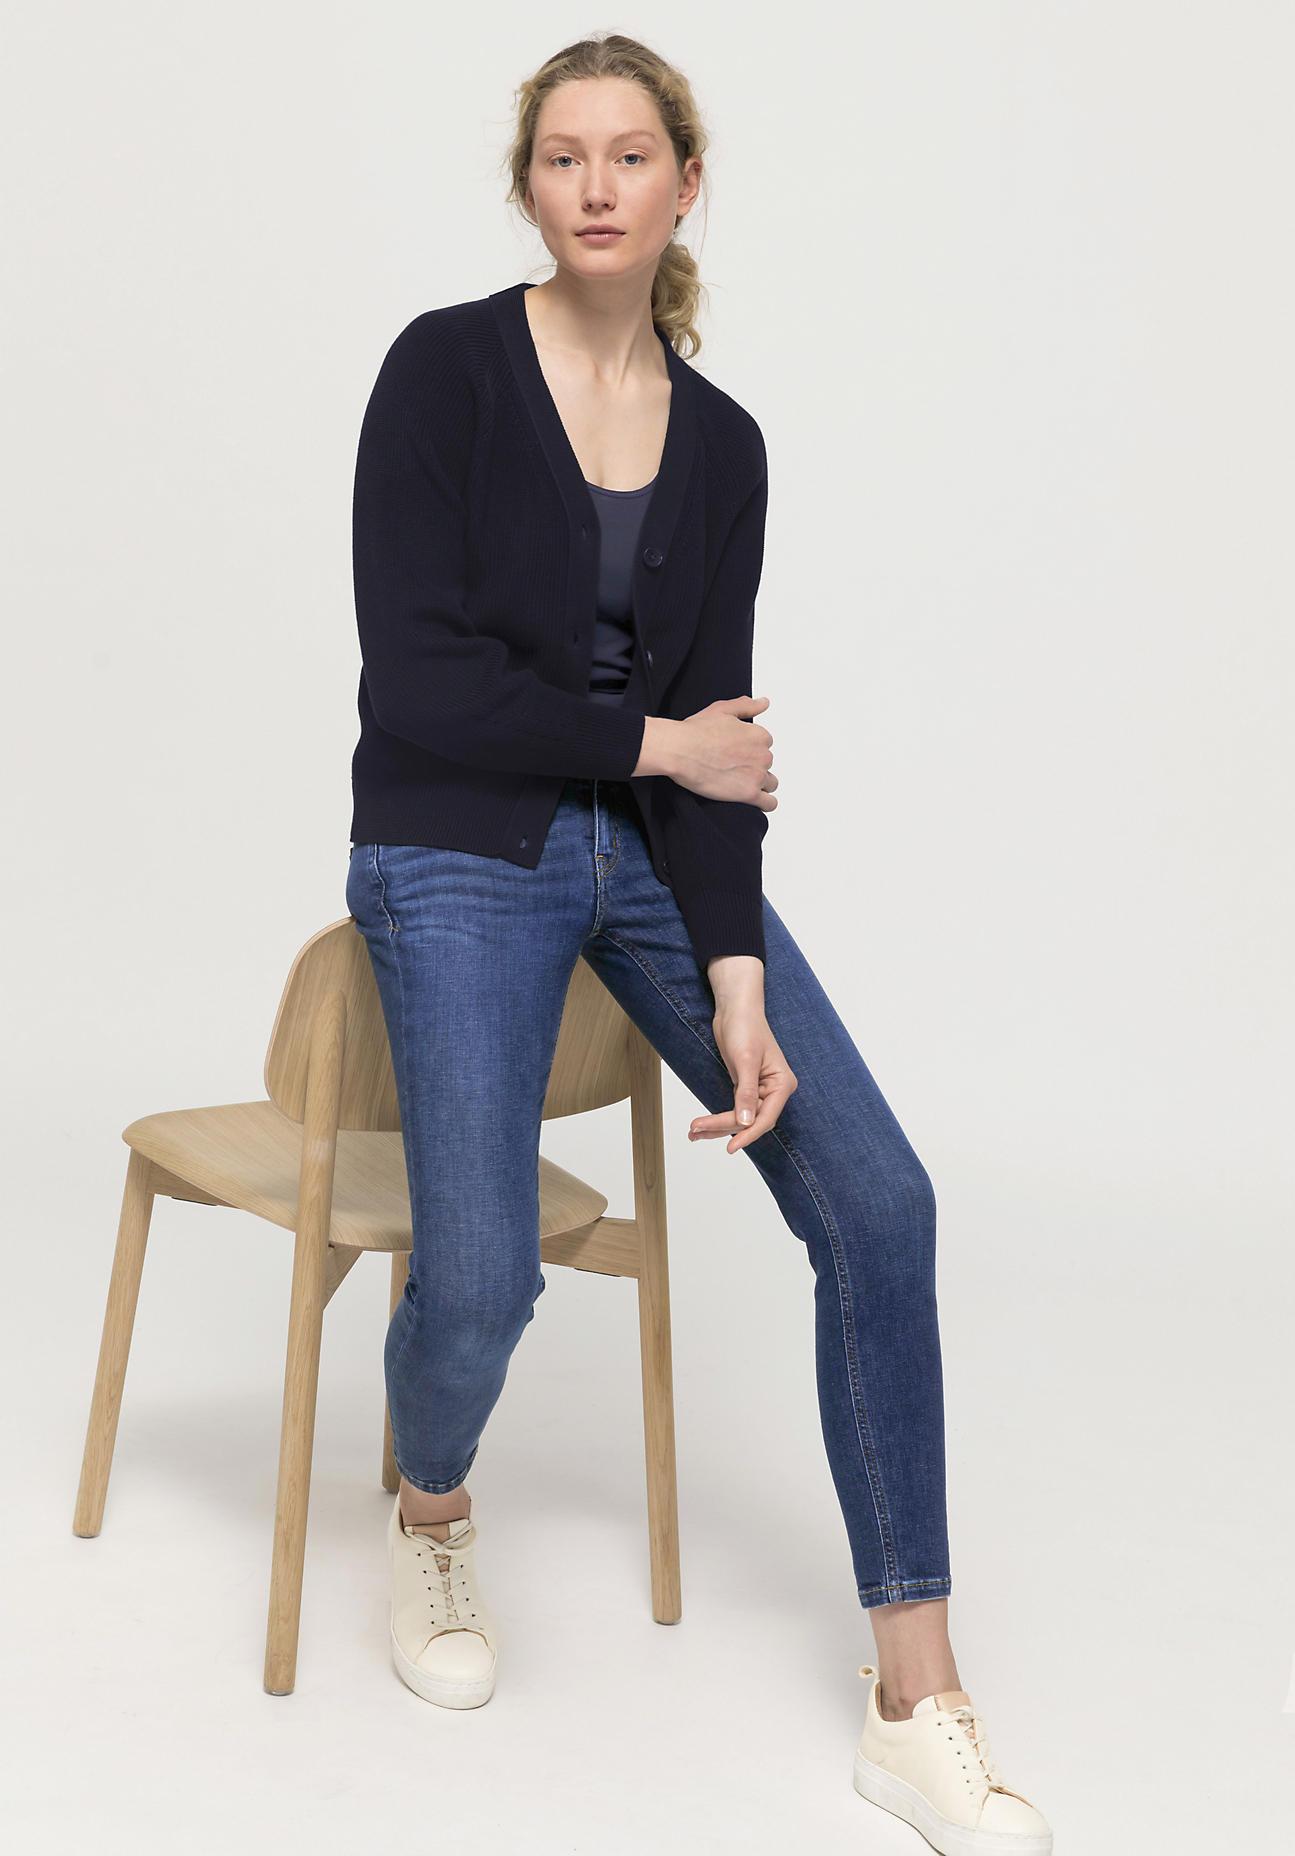 hessnatur Damen Cardigan aus Bio-Baumwolle - marine Größe 34